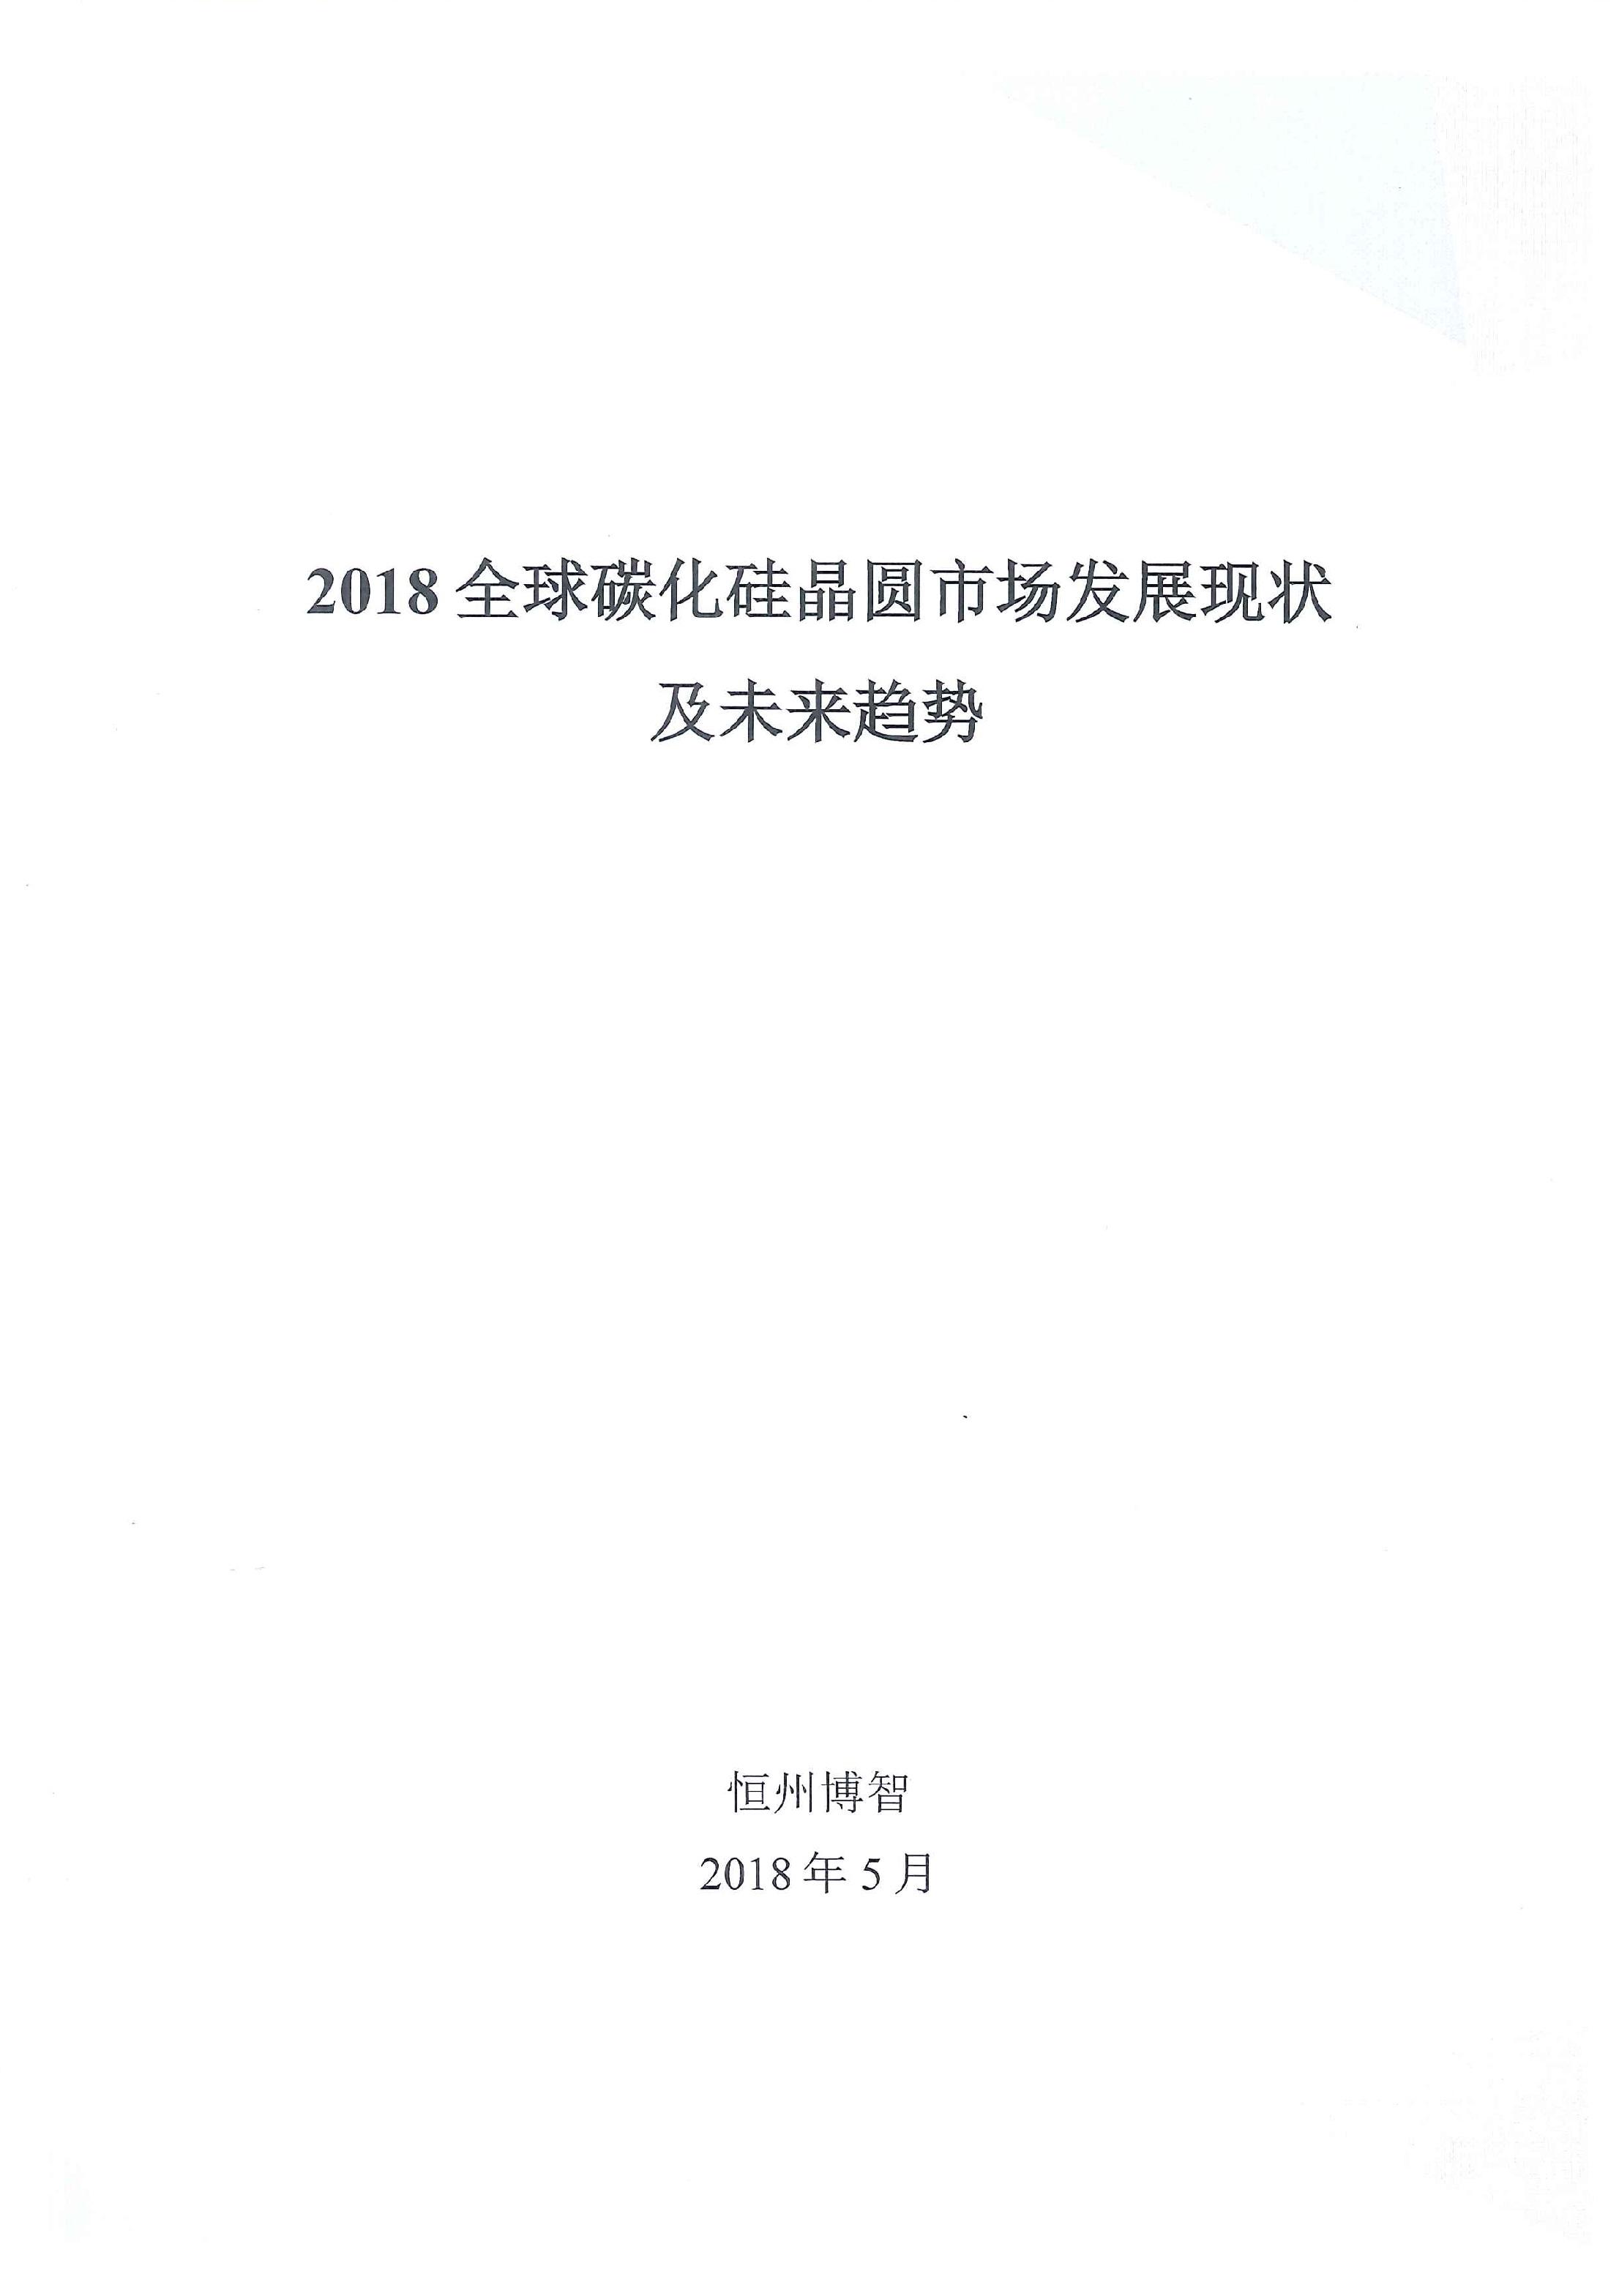 2018全球碳化硅晶圆市场发展现状及未来趋势 [電子書]